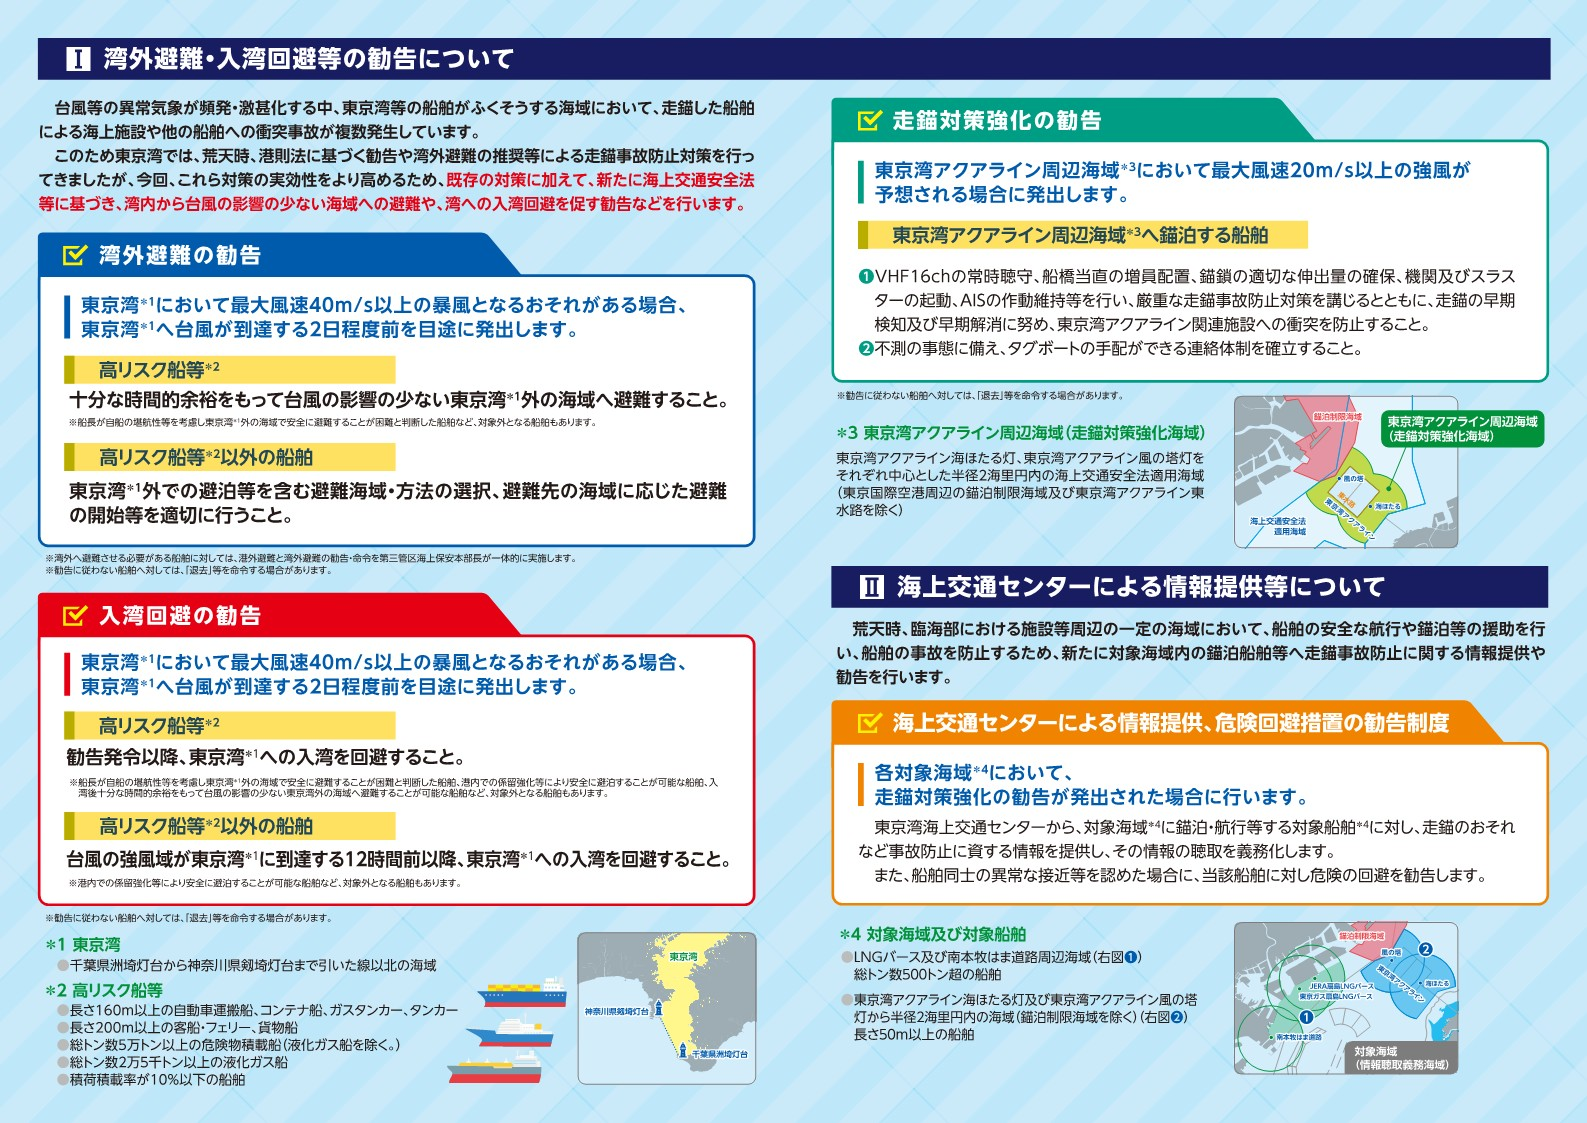 【東京湾】改正海上交通安全法_2